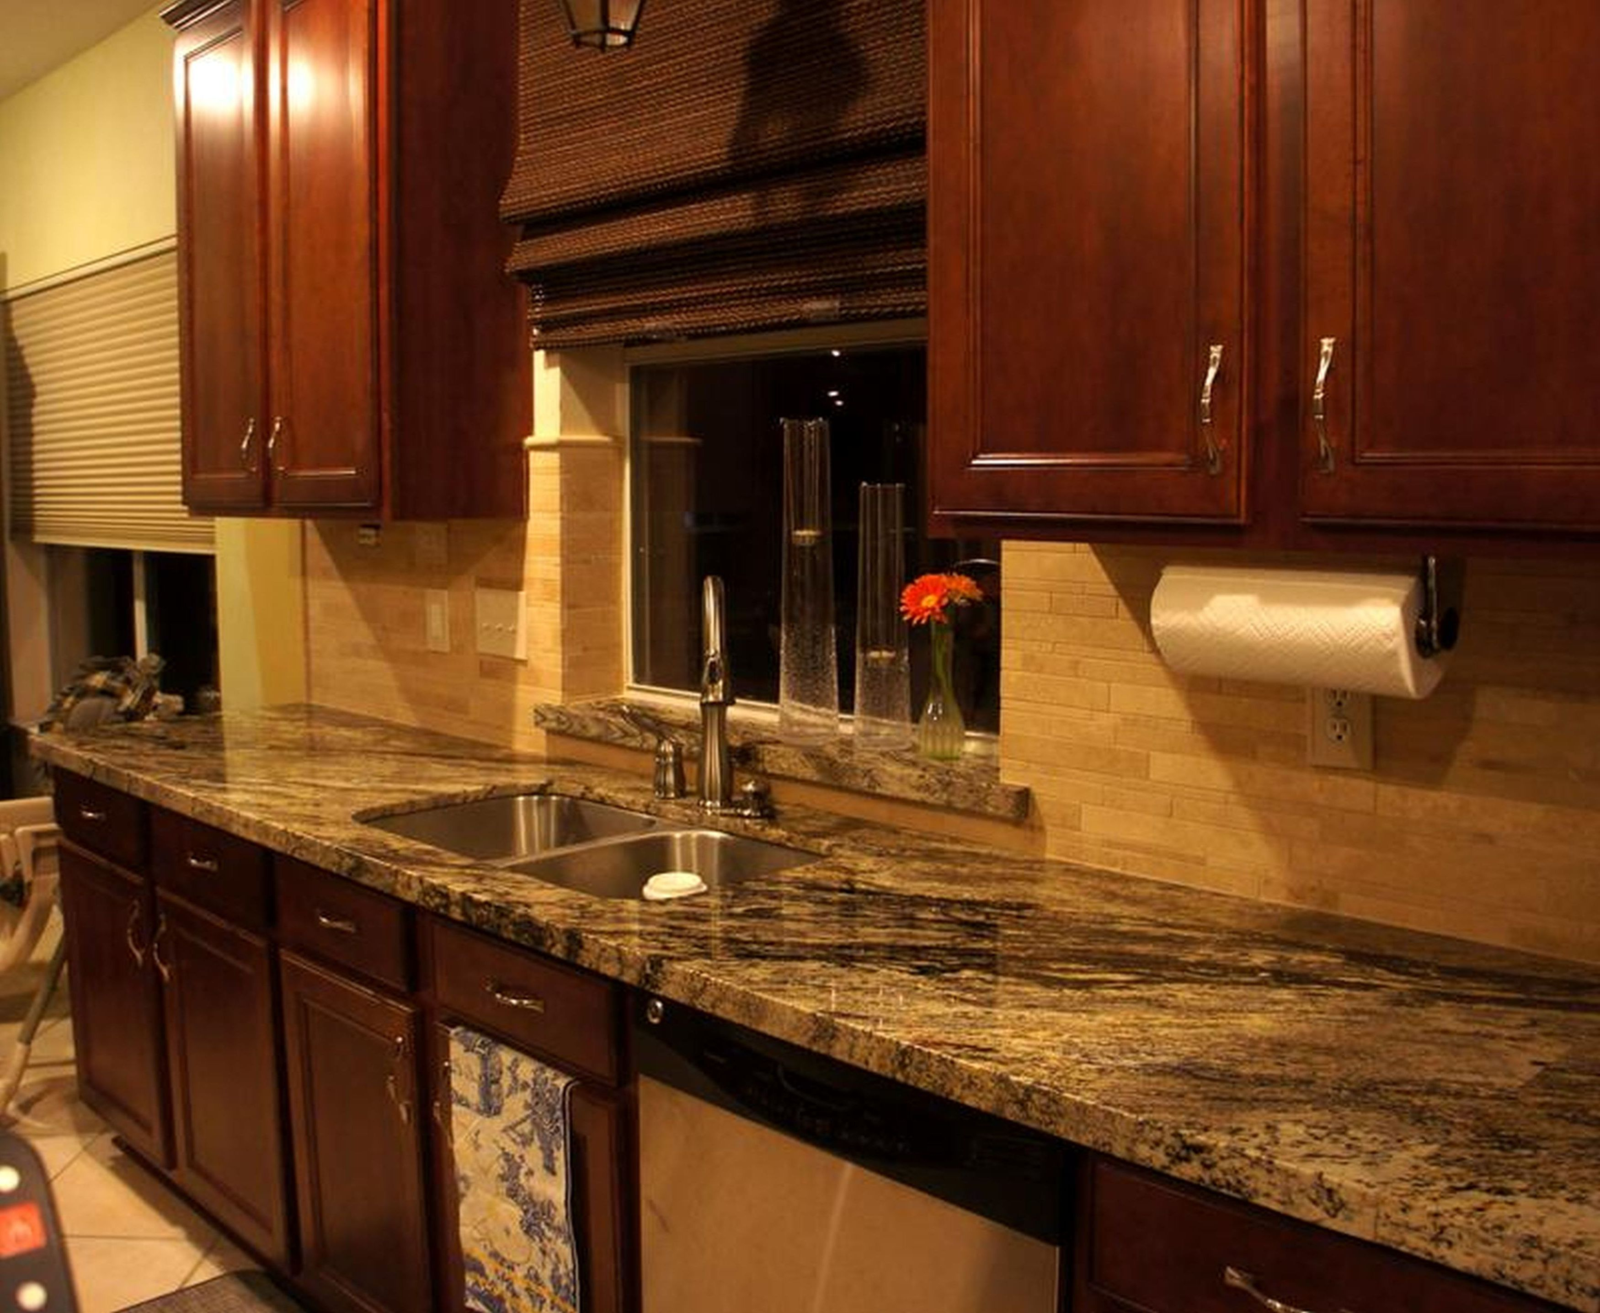 8-idées-de-dosseret-pour-petites-cuisines-utilisant-des-couleurs-neutres-pierre-de-marbre-dans-une-table-de-cuisine-avec-un-évier-en-acier-inoxydable-plus-luxueux-et- espace-très-naturelhistoreis-com_